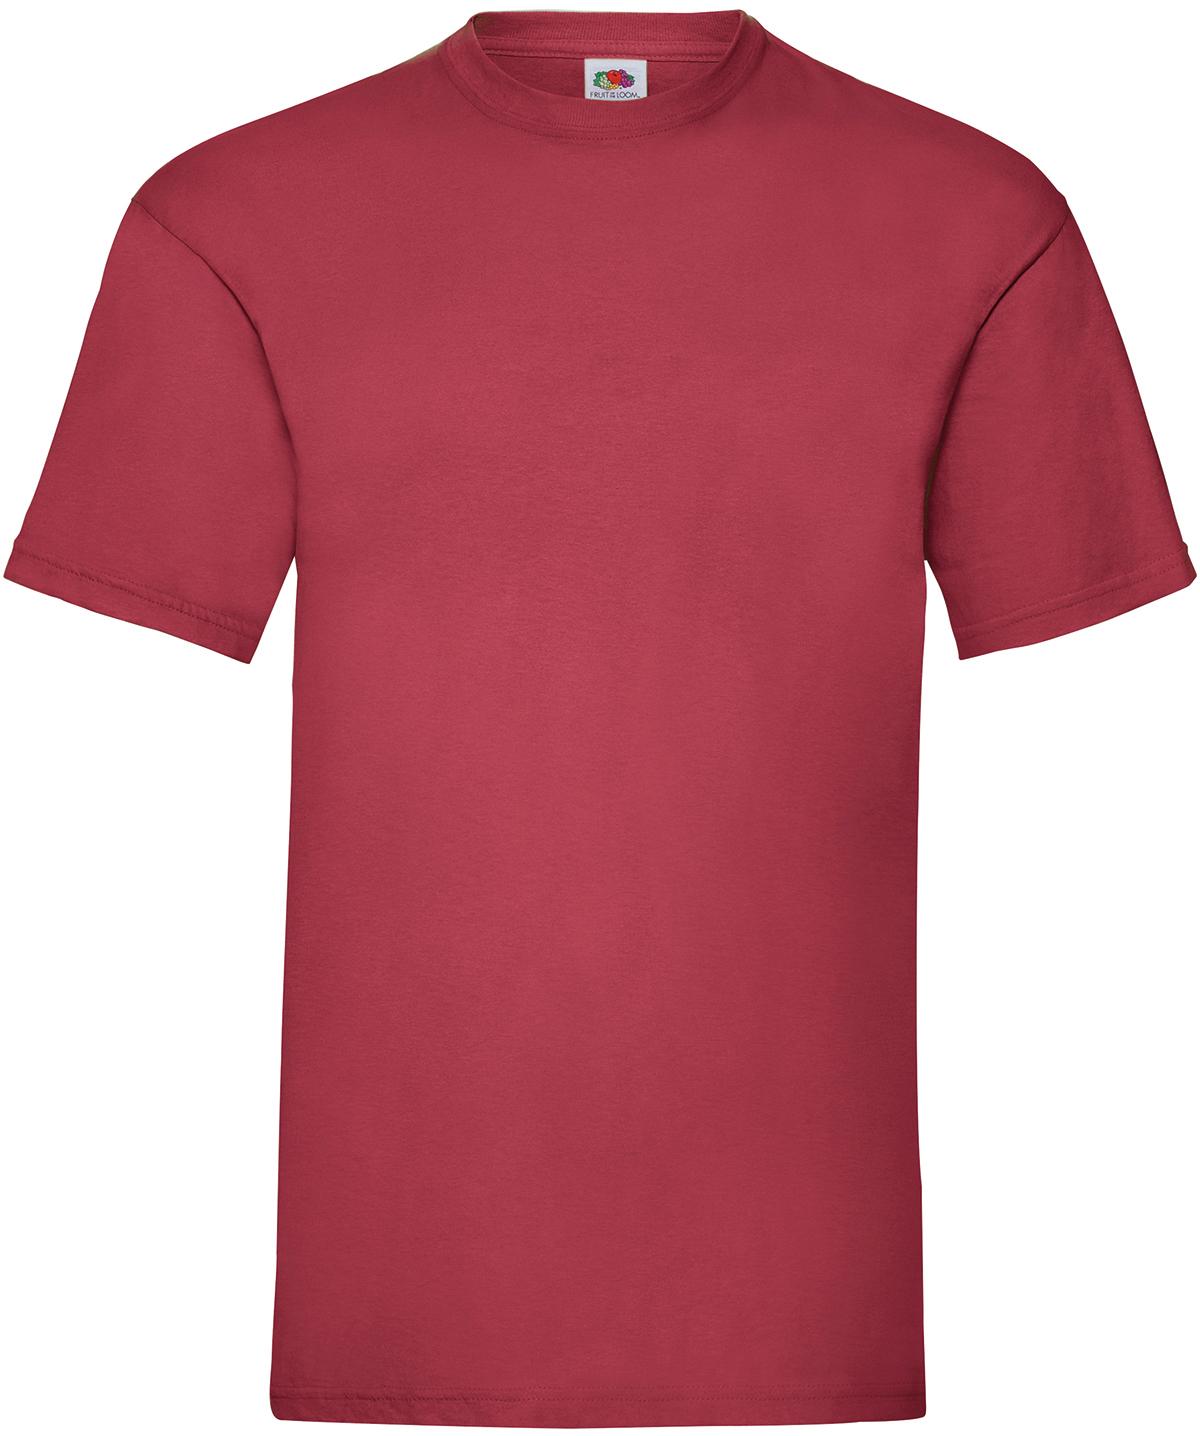 Indexbild 13 - Fruit of the Loom UNISEX T-Shirt Bestseller Top Angebot Herren Damen NEU